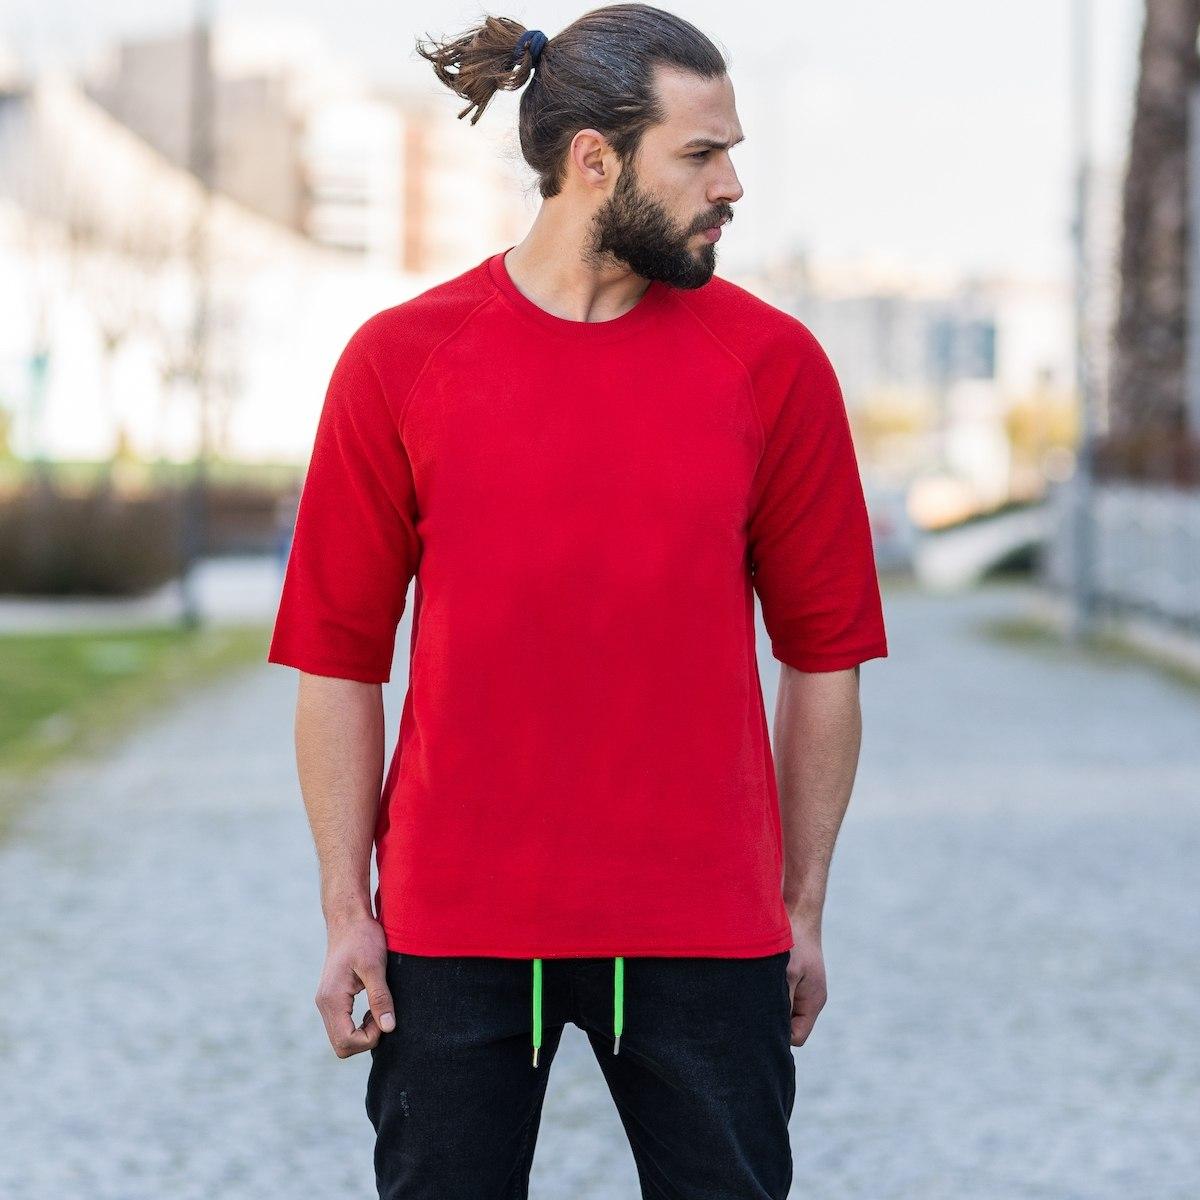 Half-Sleeved Sweatshirt In Red